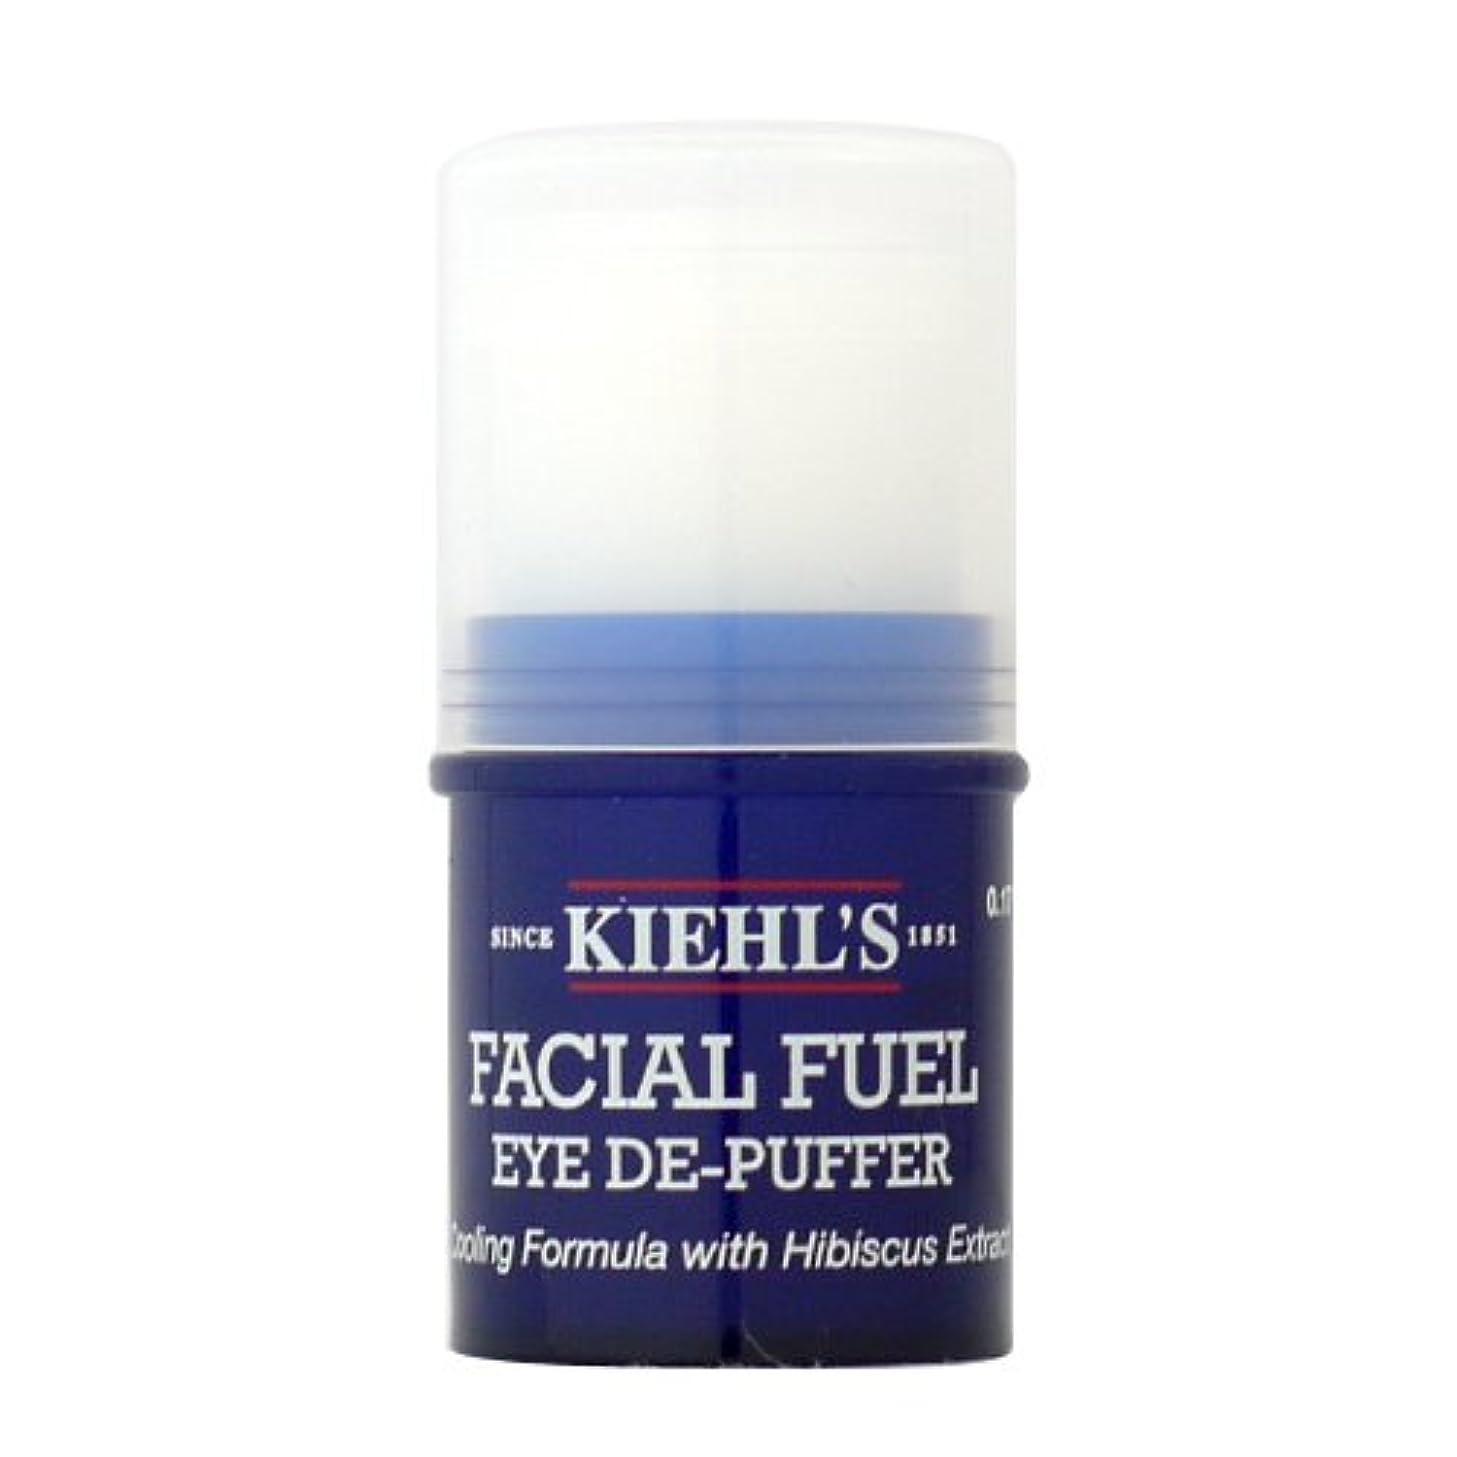 アレルギー性意味のある母キールズ KIEHLS フェイシャル フュール アイ ディパフェ 5g 【並行輸入品】